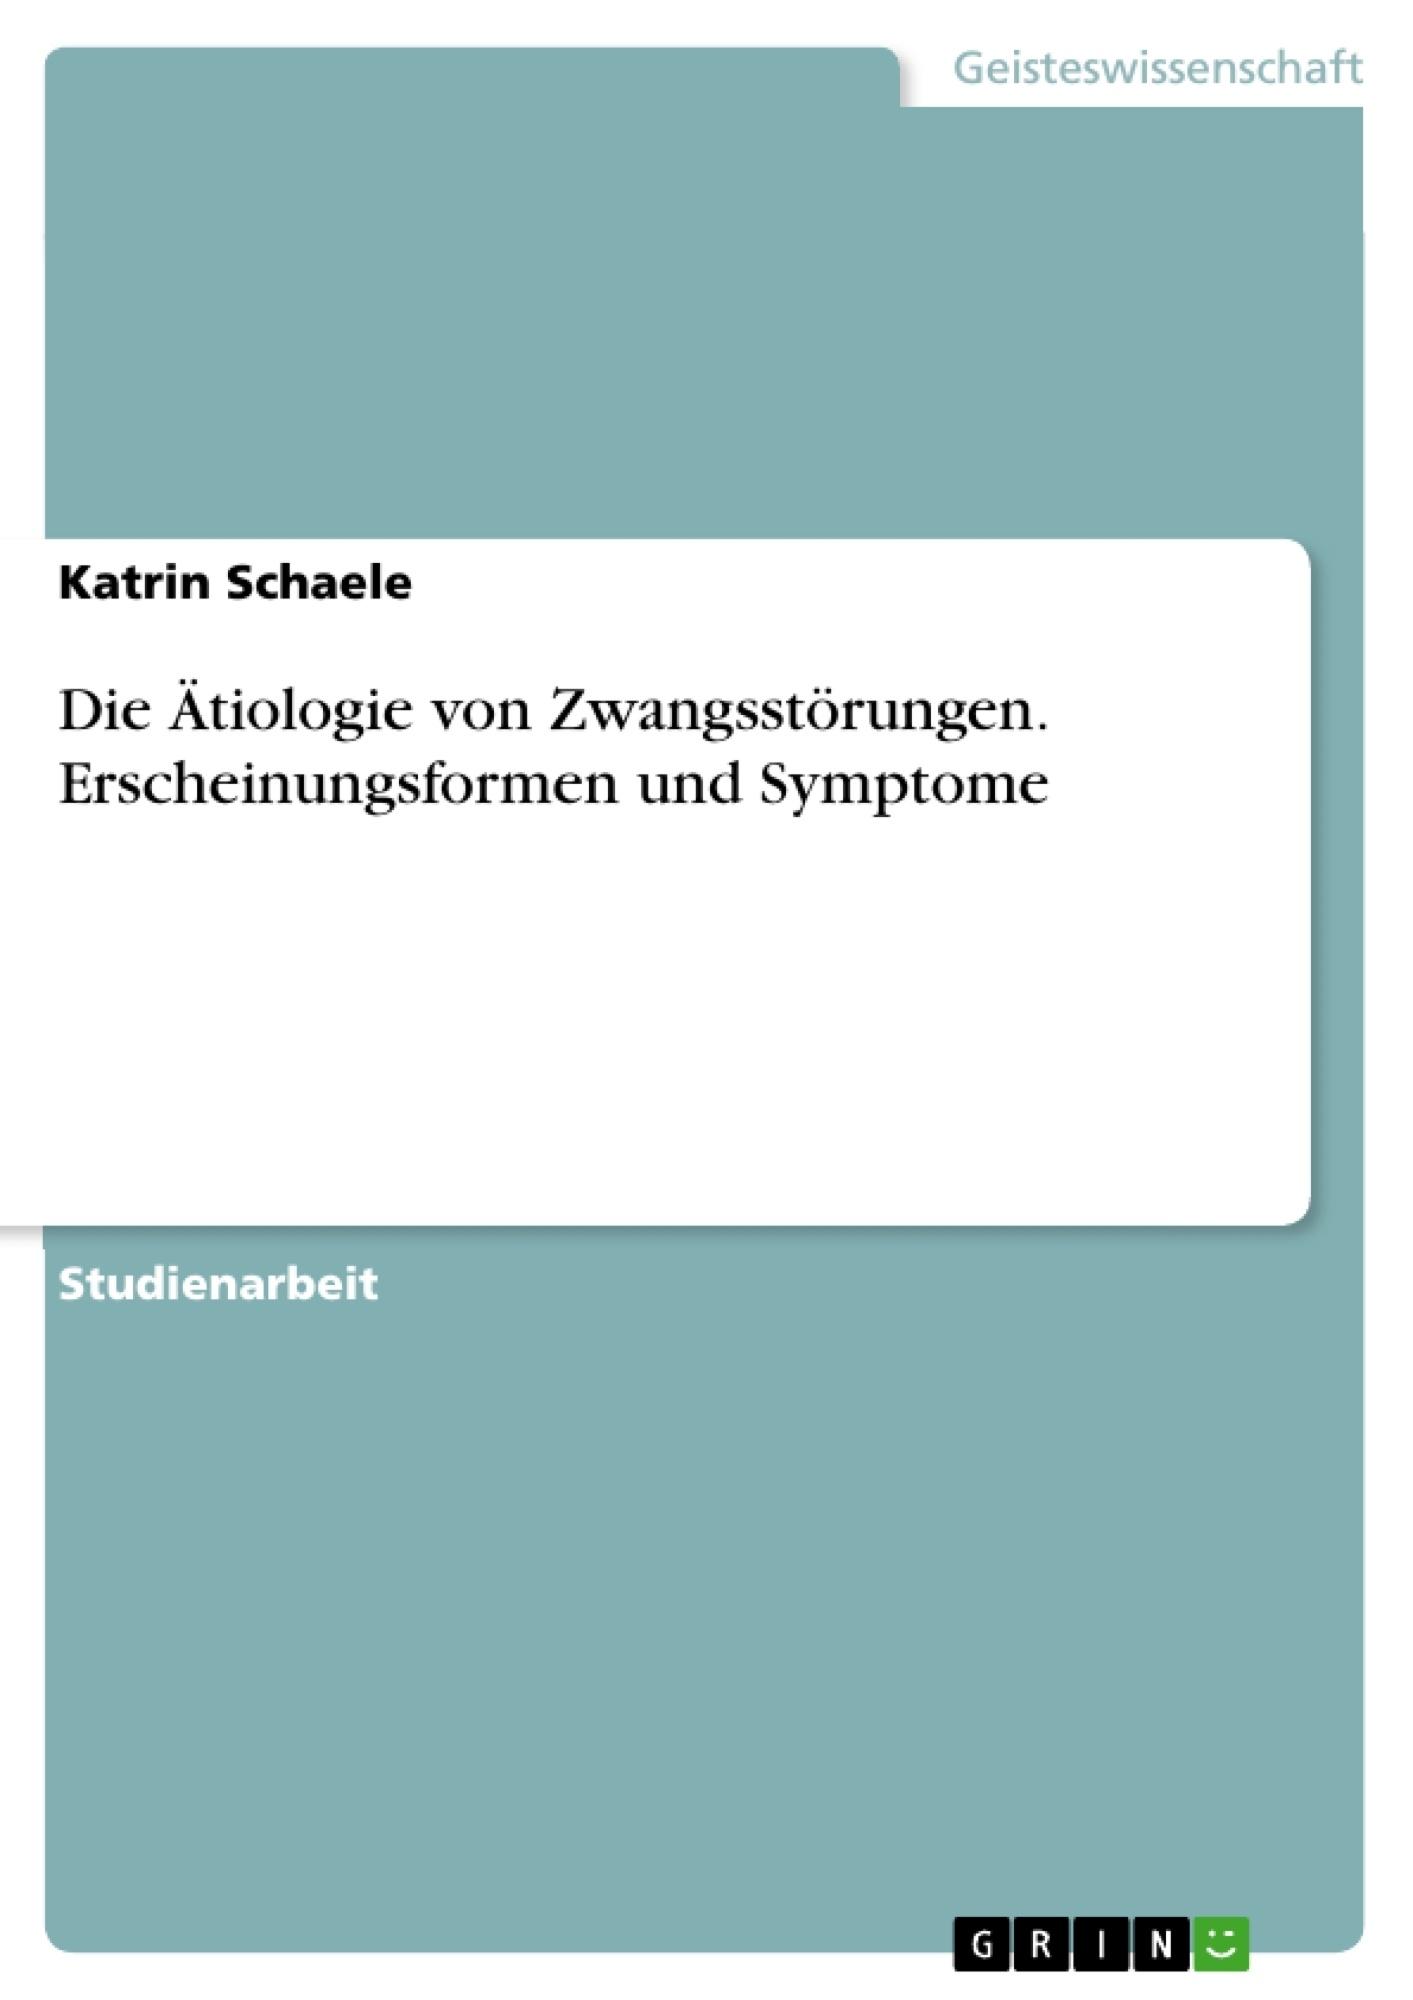 Titel: Die Ätiologie von Zwangsstörungen. Erscheinungsformen und Symptome